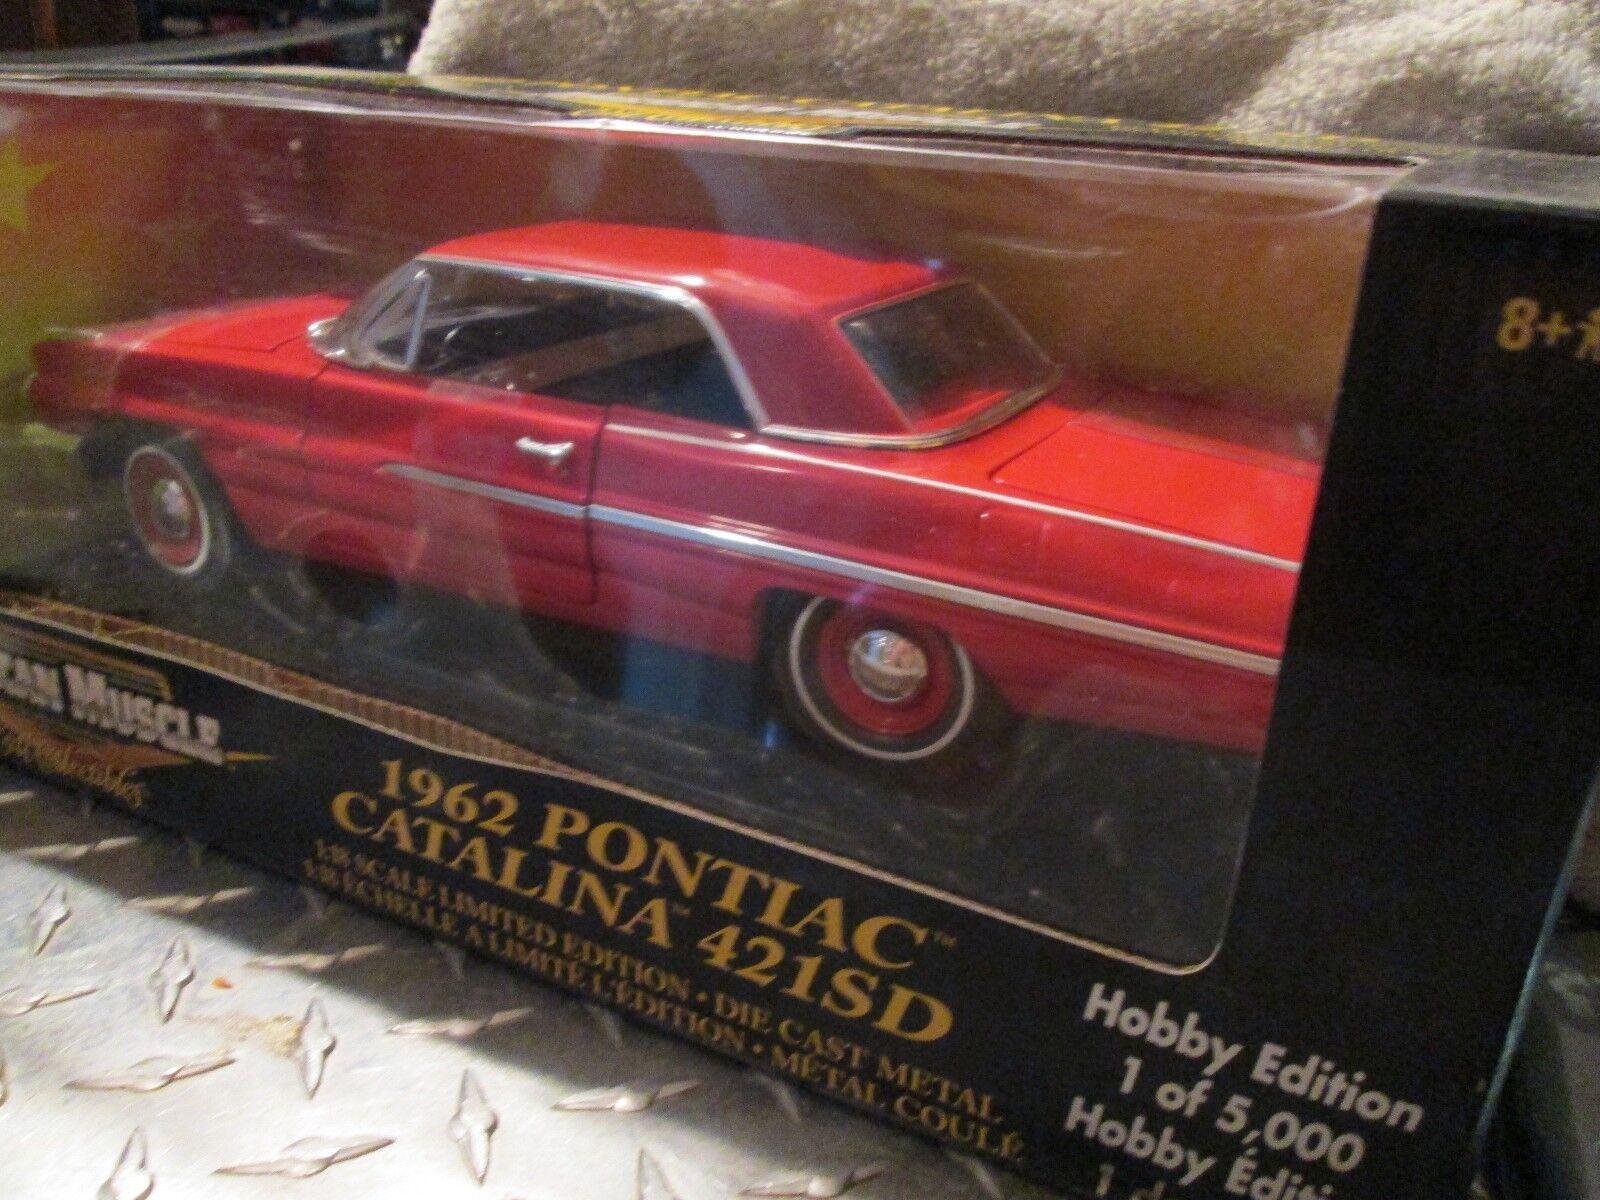 1962 62 Pontiac Catalina Catalina Catalina 421SD  1/18  American Muscle hobby edition  32991 rosso b7b0e3